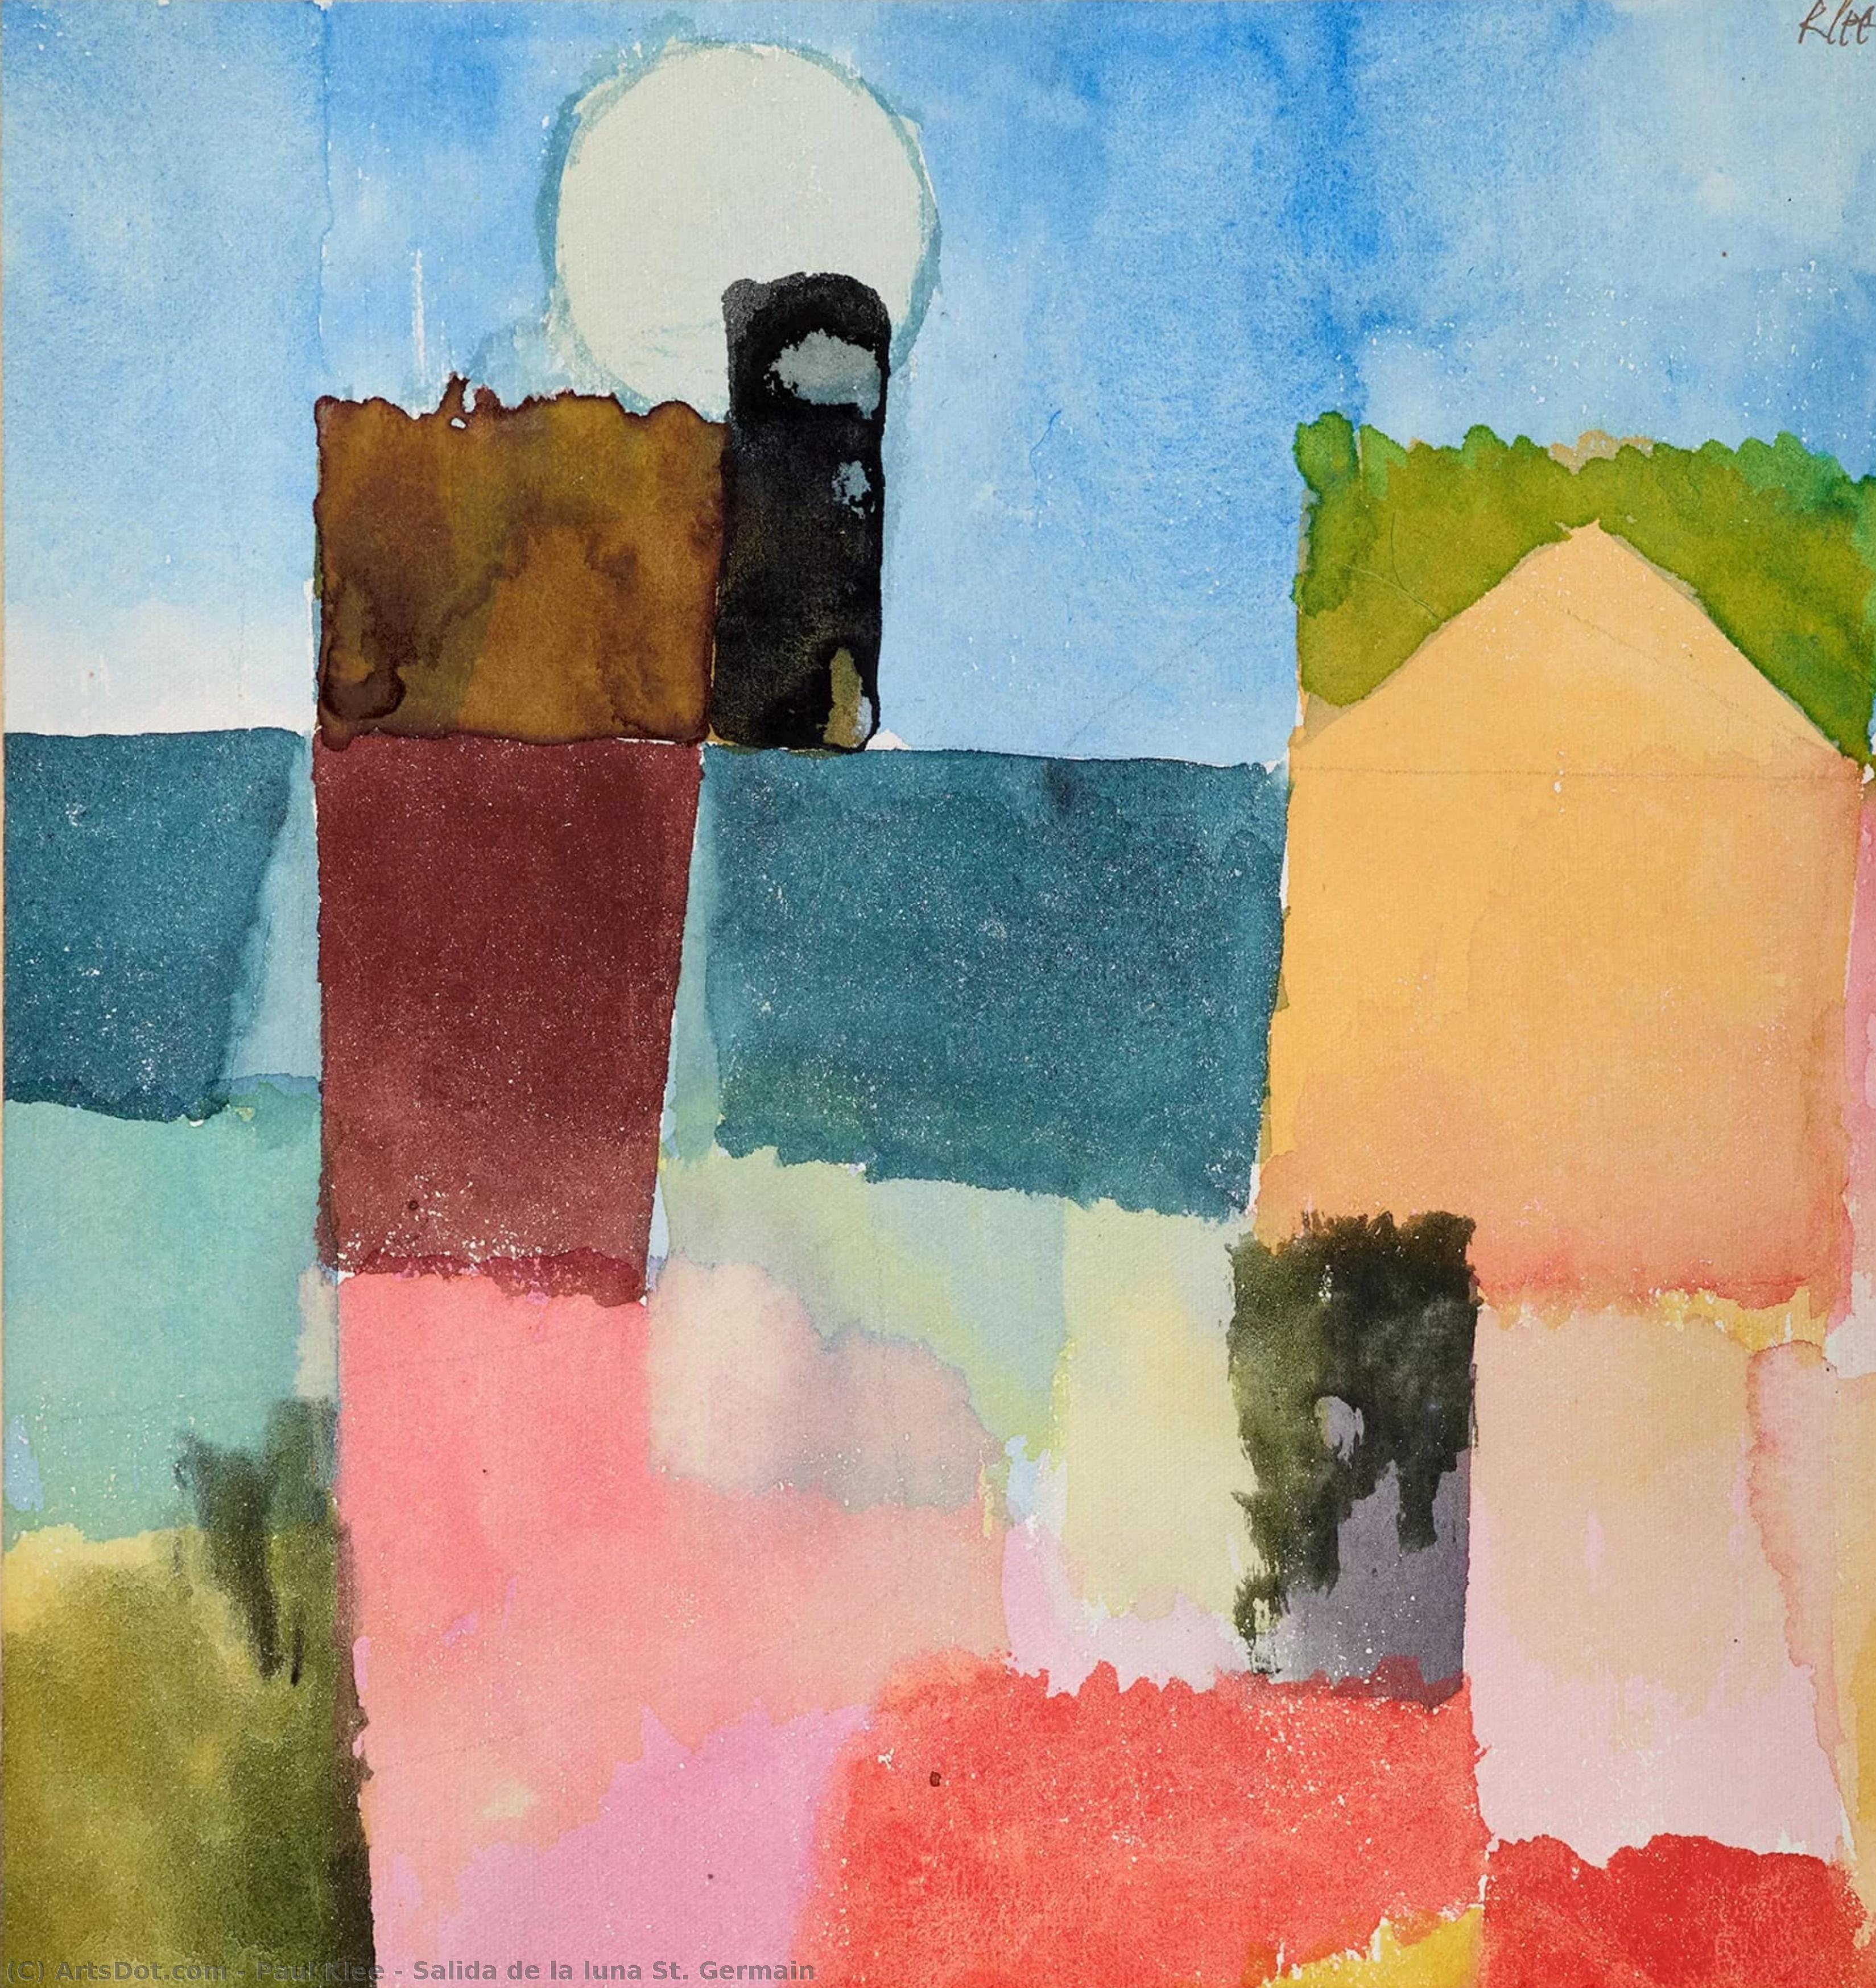 Wikoo.org - موسوعة الفنون الجميلة - اللوحة، العمل الفني Paul Klee - Salida de la luna St. Germain